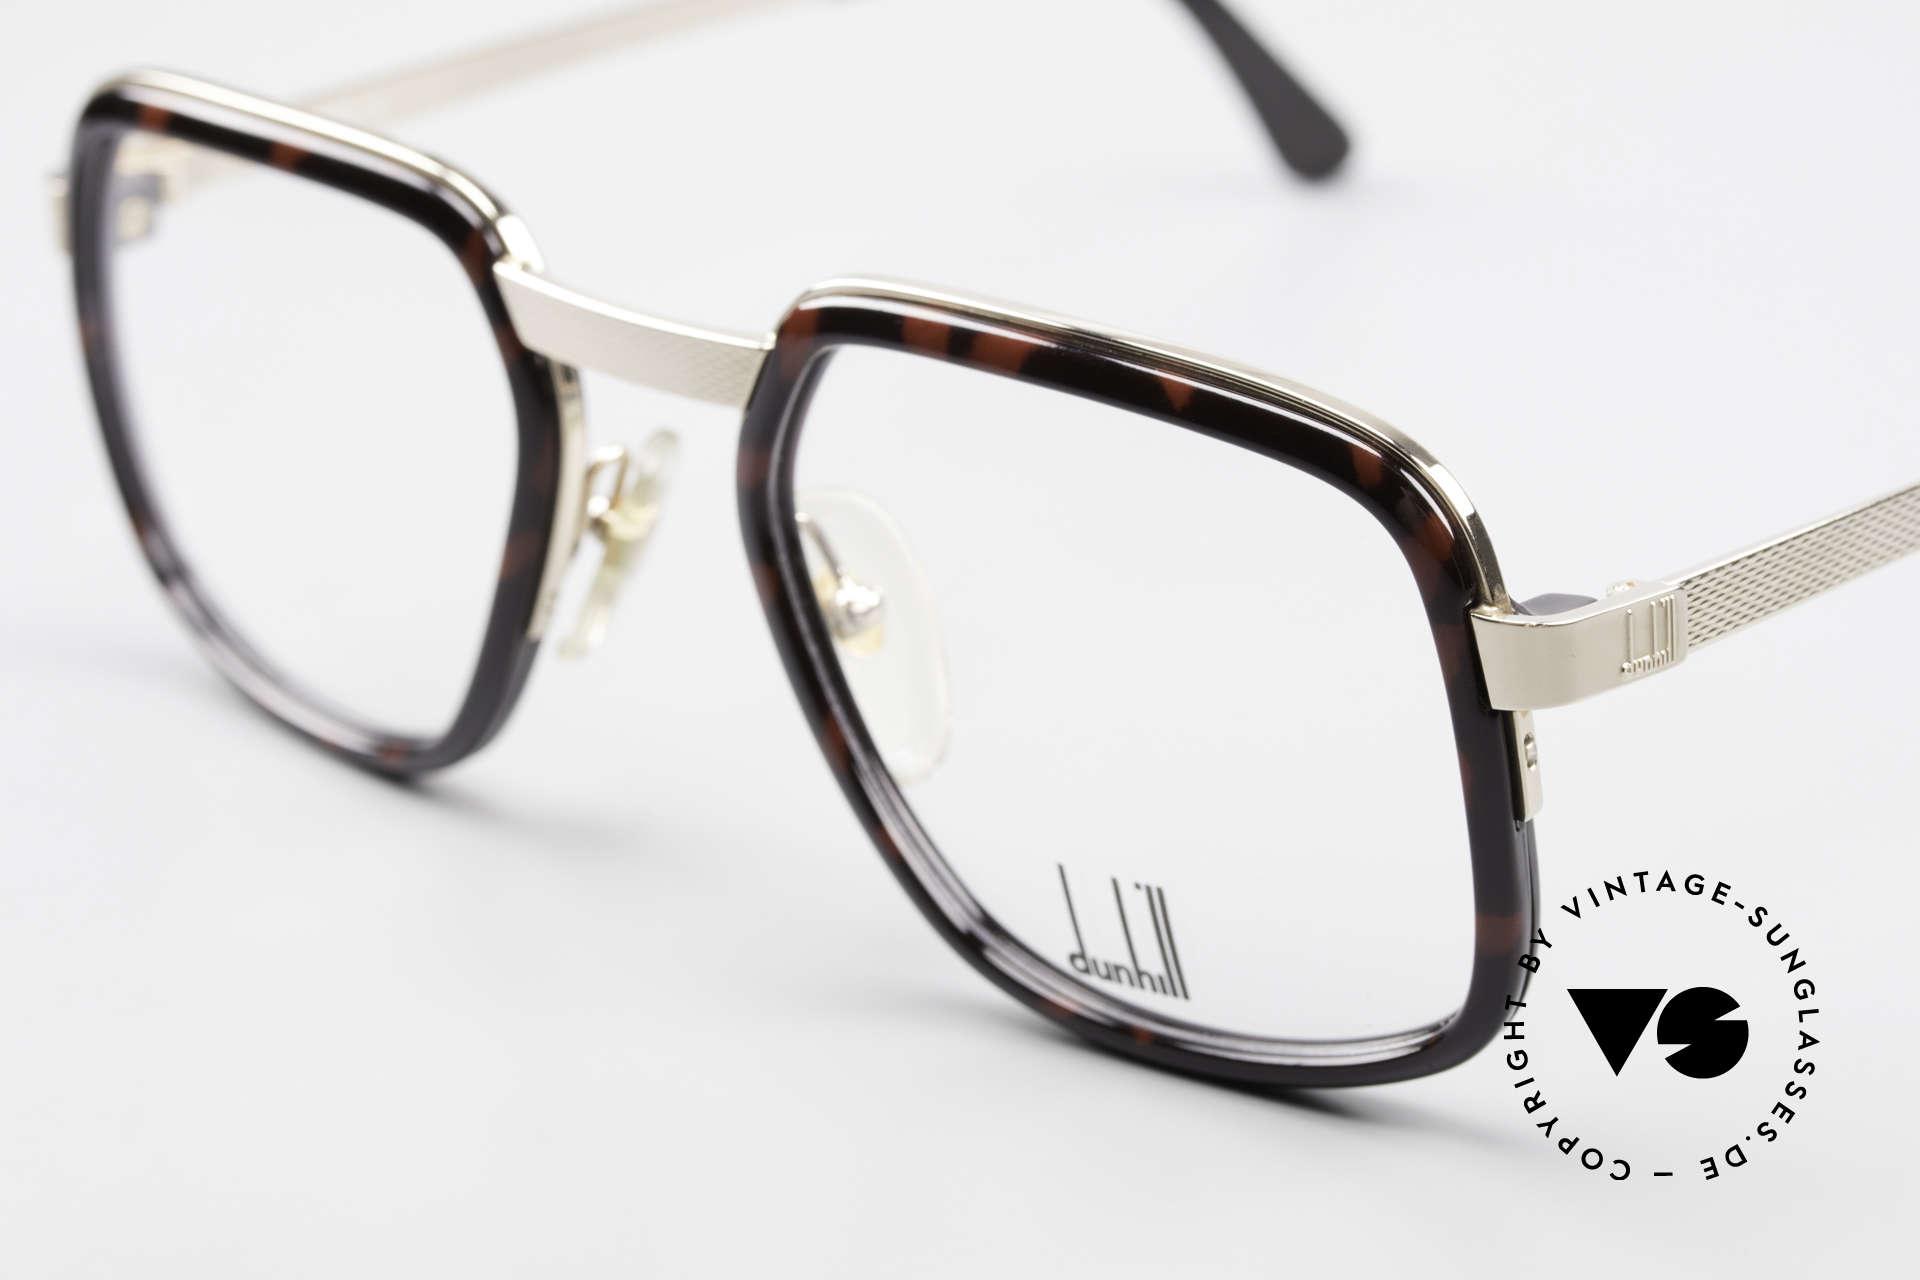 Dunhill 6073 Vergoldete 80er Herrenbrille, britische Eleganz & 'made in Germany' in Kombination, Passend für Herren